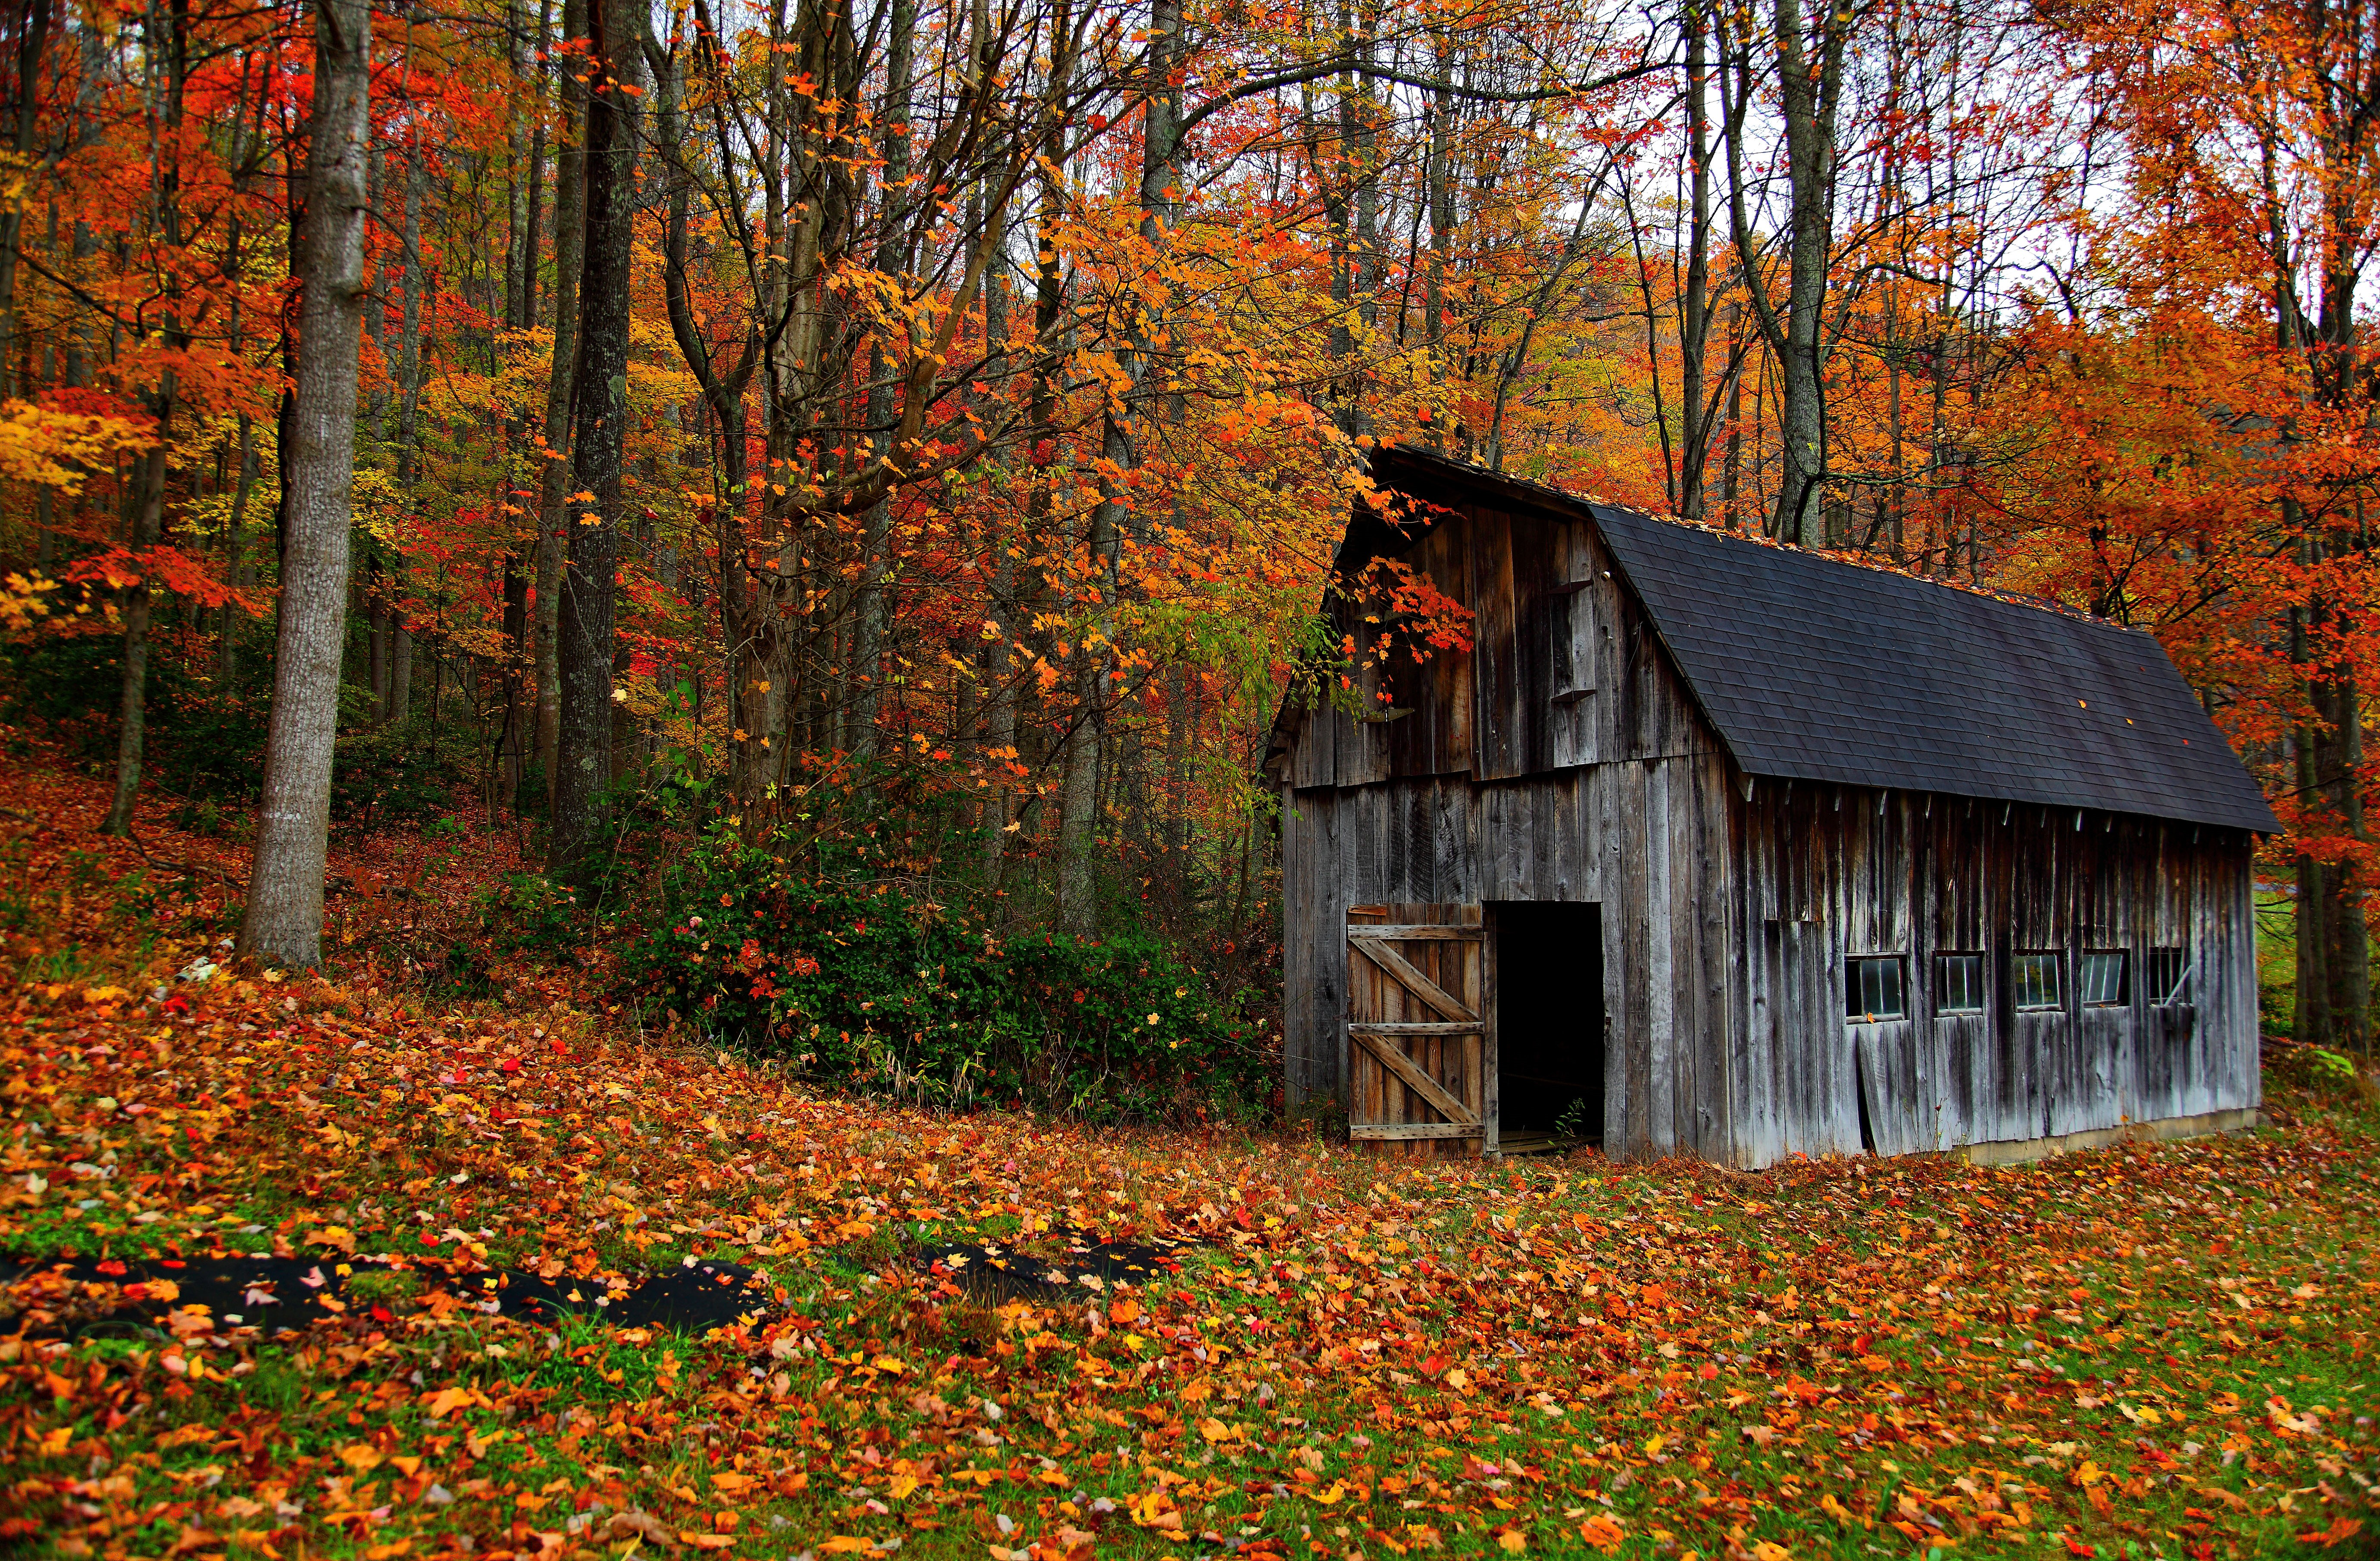 FileAutumn country barn   Virginia   ForestWanderjpg   Wikimedia 5522x3622